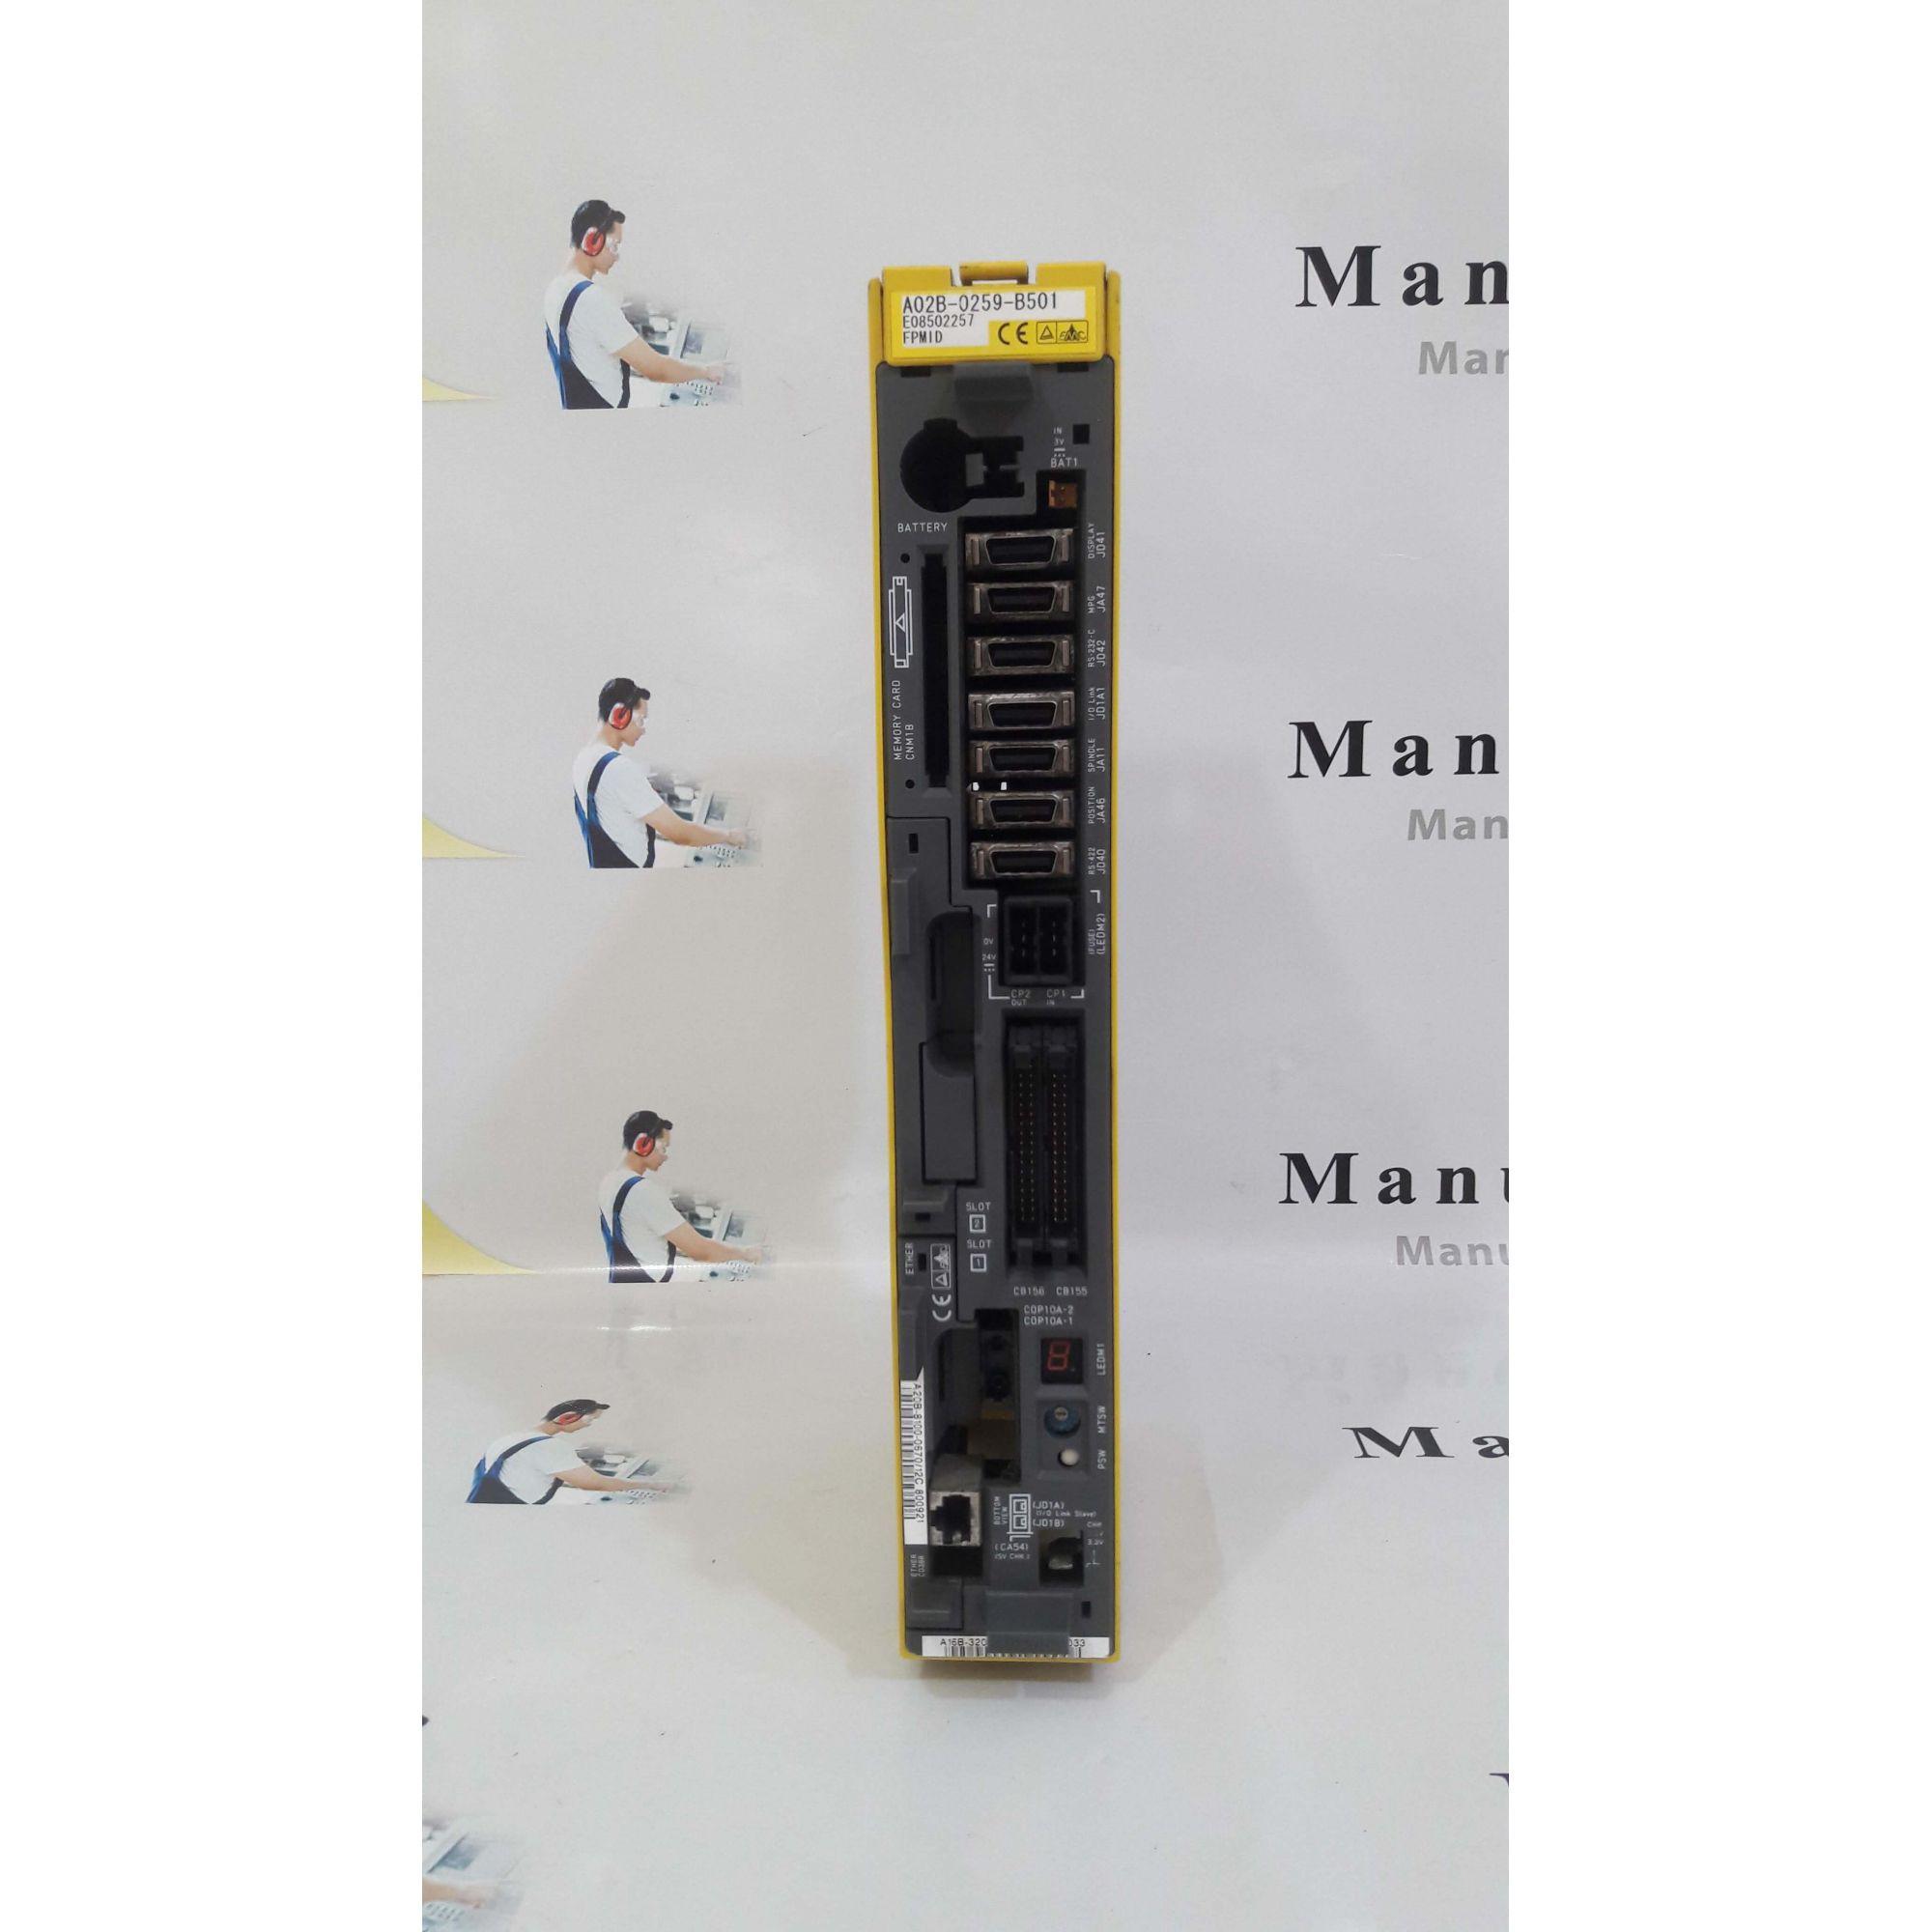 A02B-0259-B501 | POWER MATE i CNC | FANUC